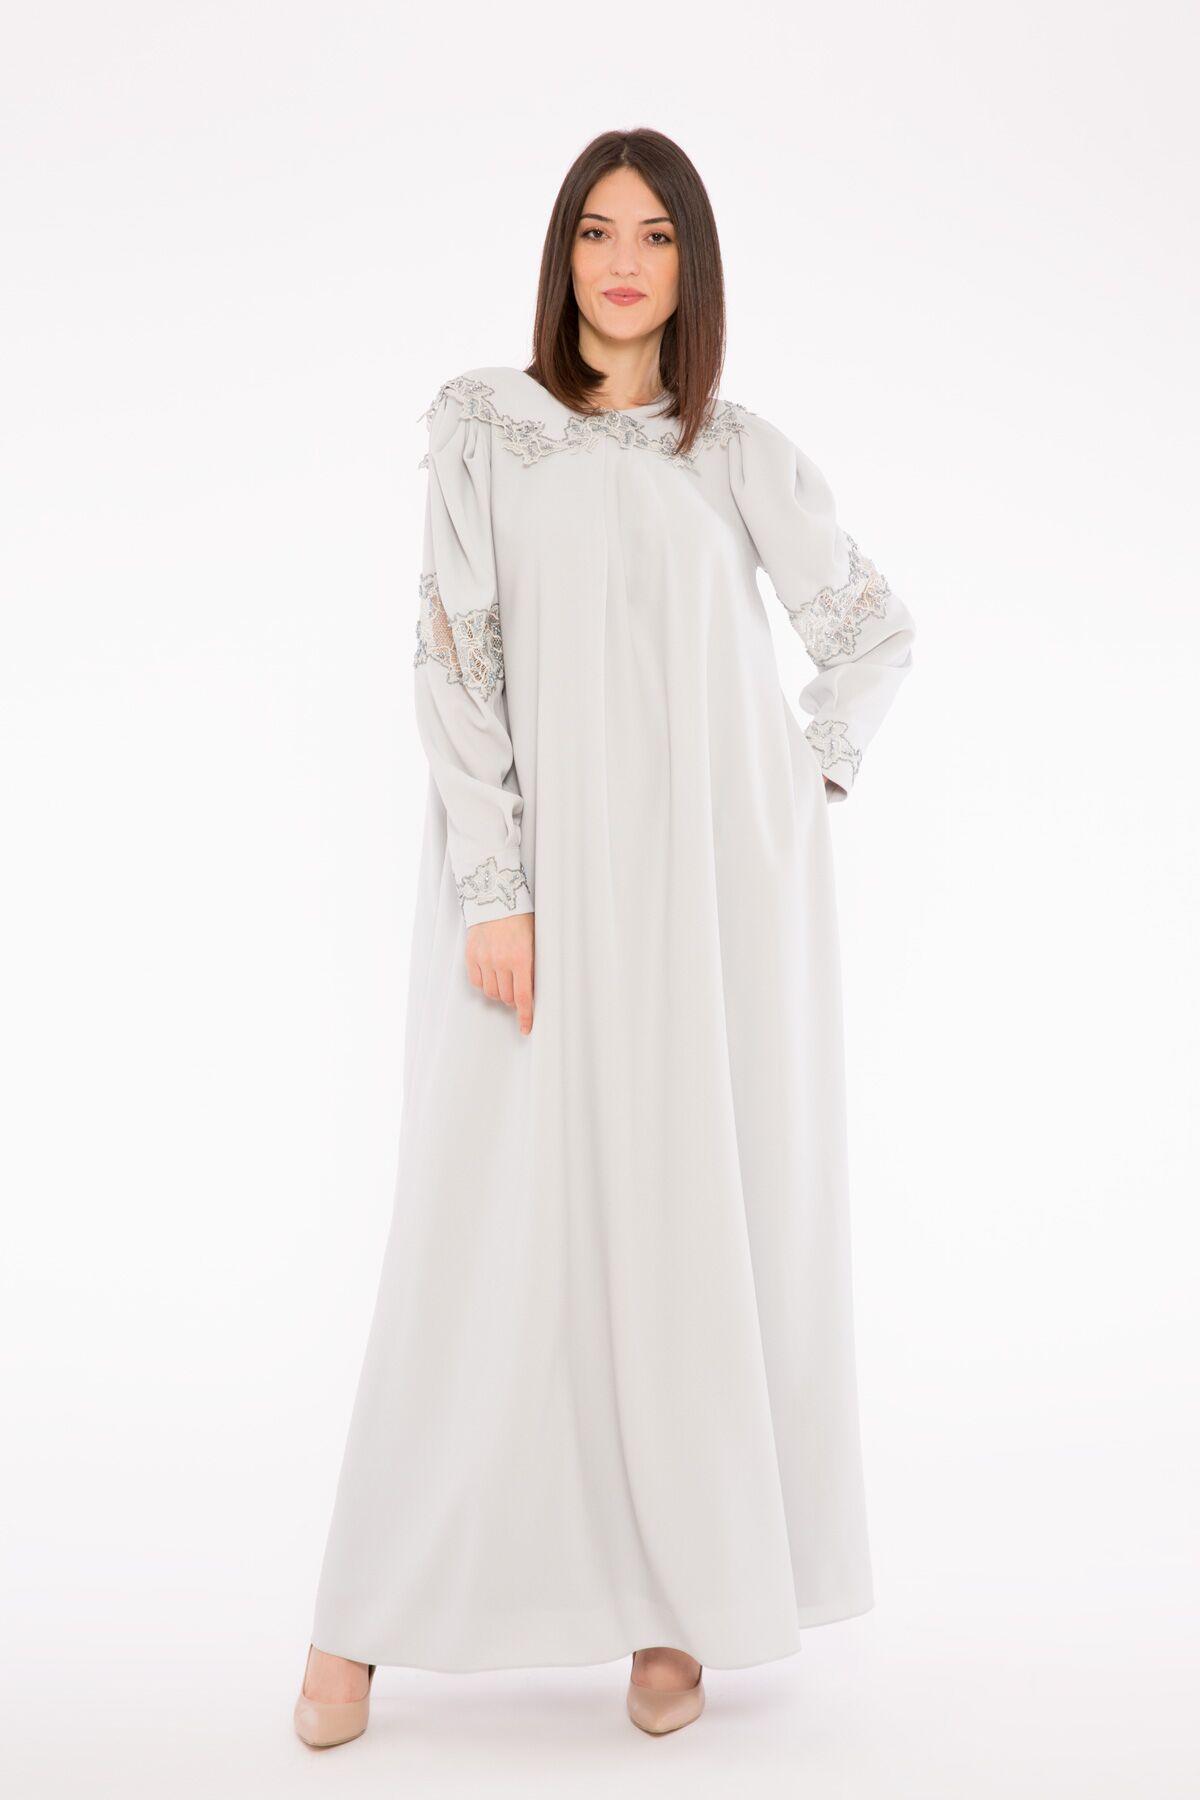 Önlük Yaka, Yakası Dantel Detaylı İşlemeli, Uzun Krep Elbise